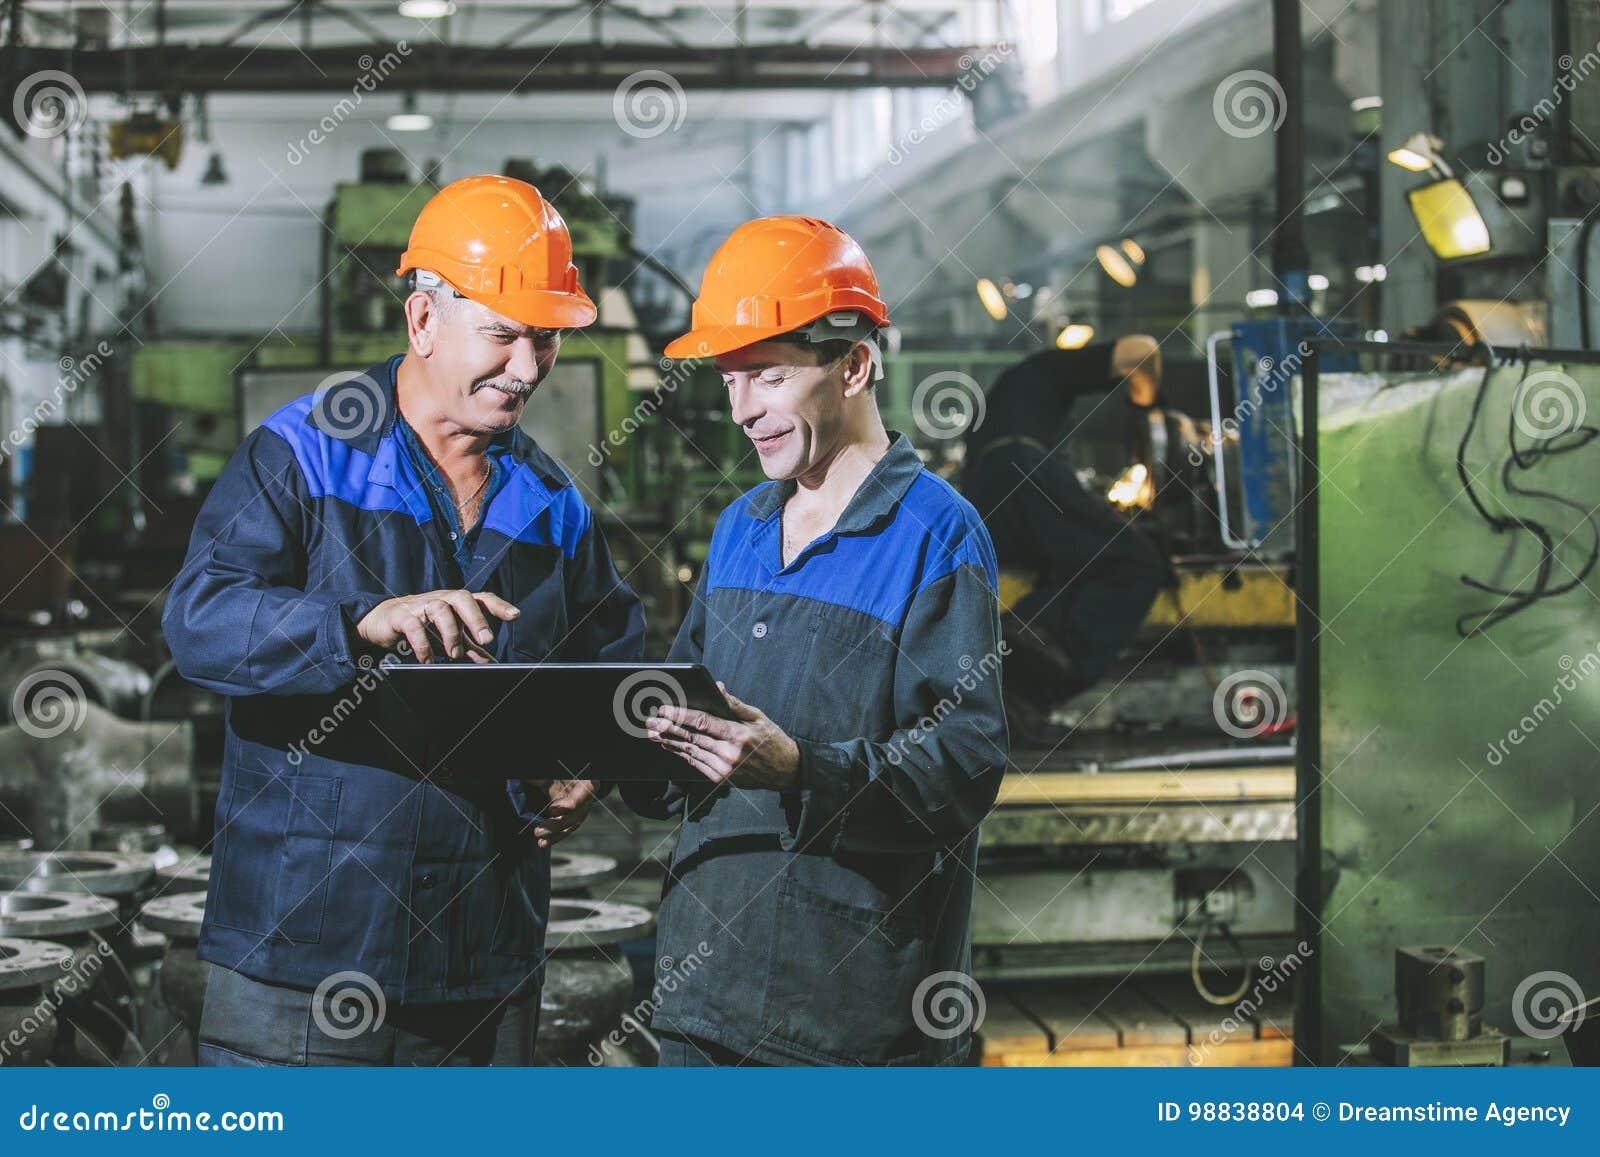 Dos trabajadores en una planta industrial con una tableta a disposición, workin